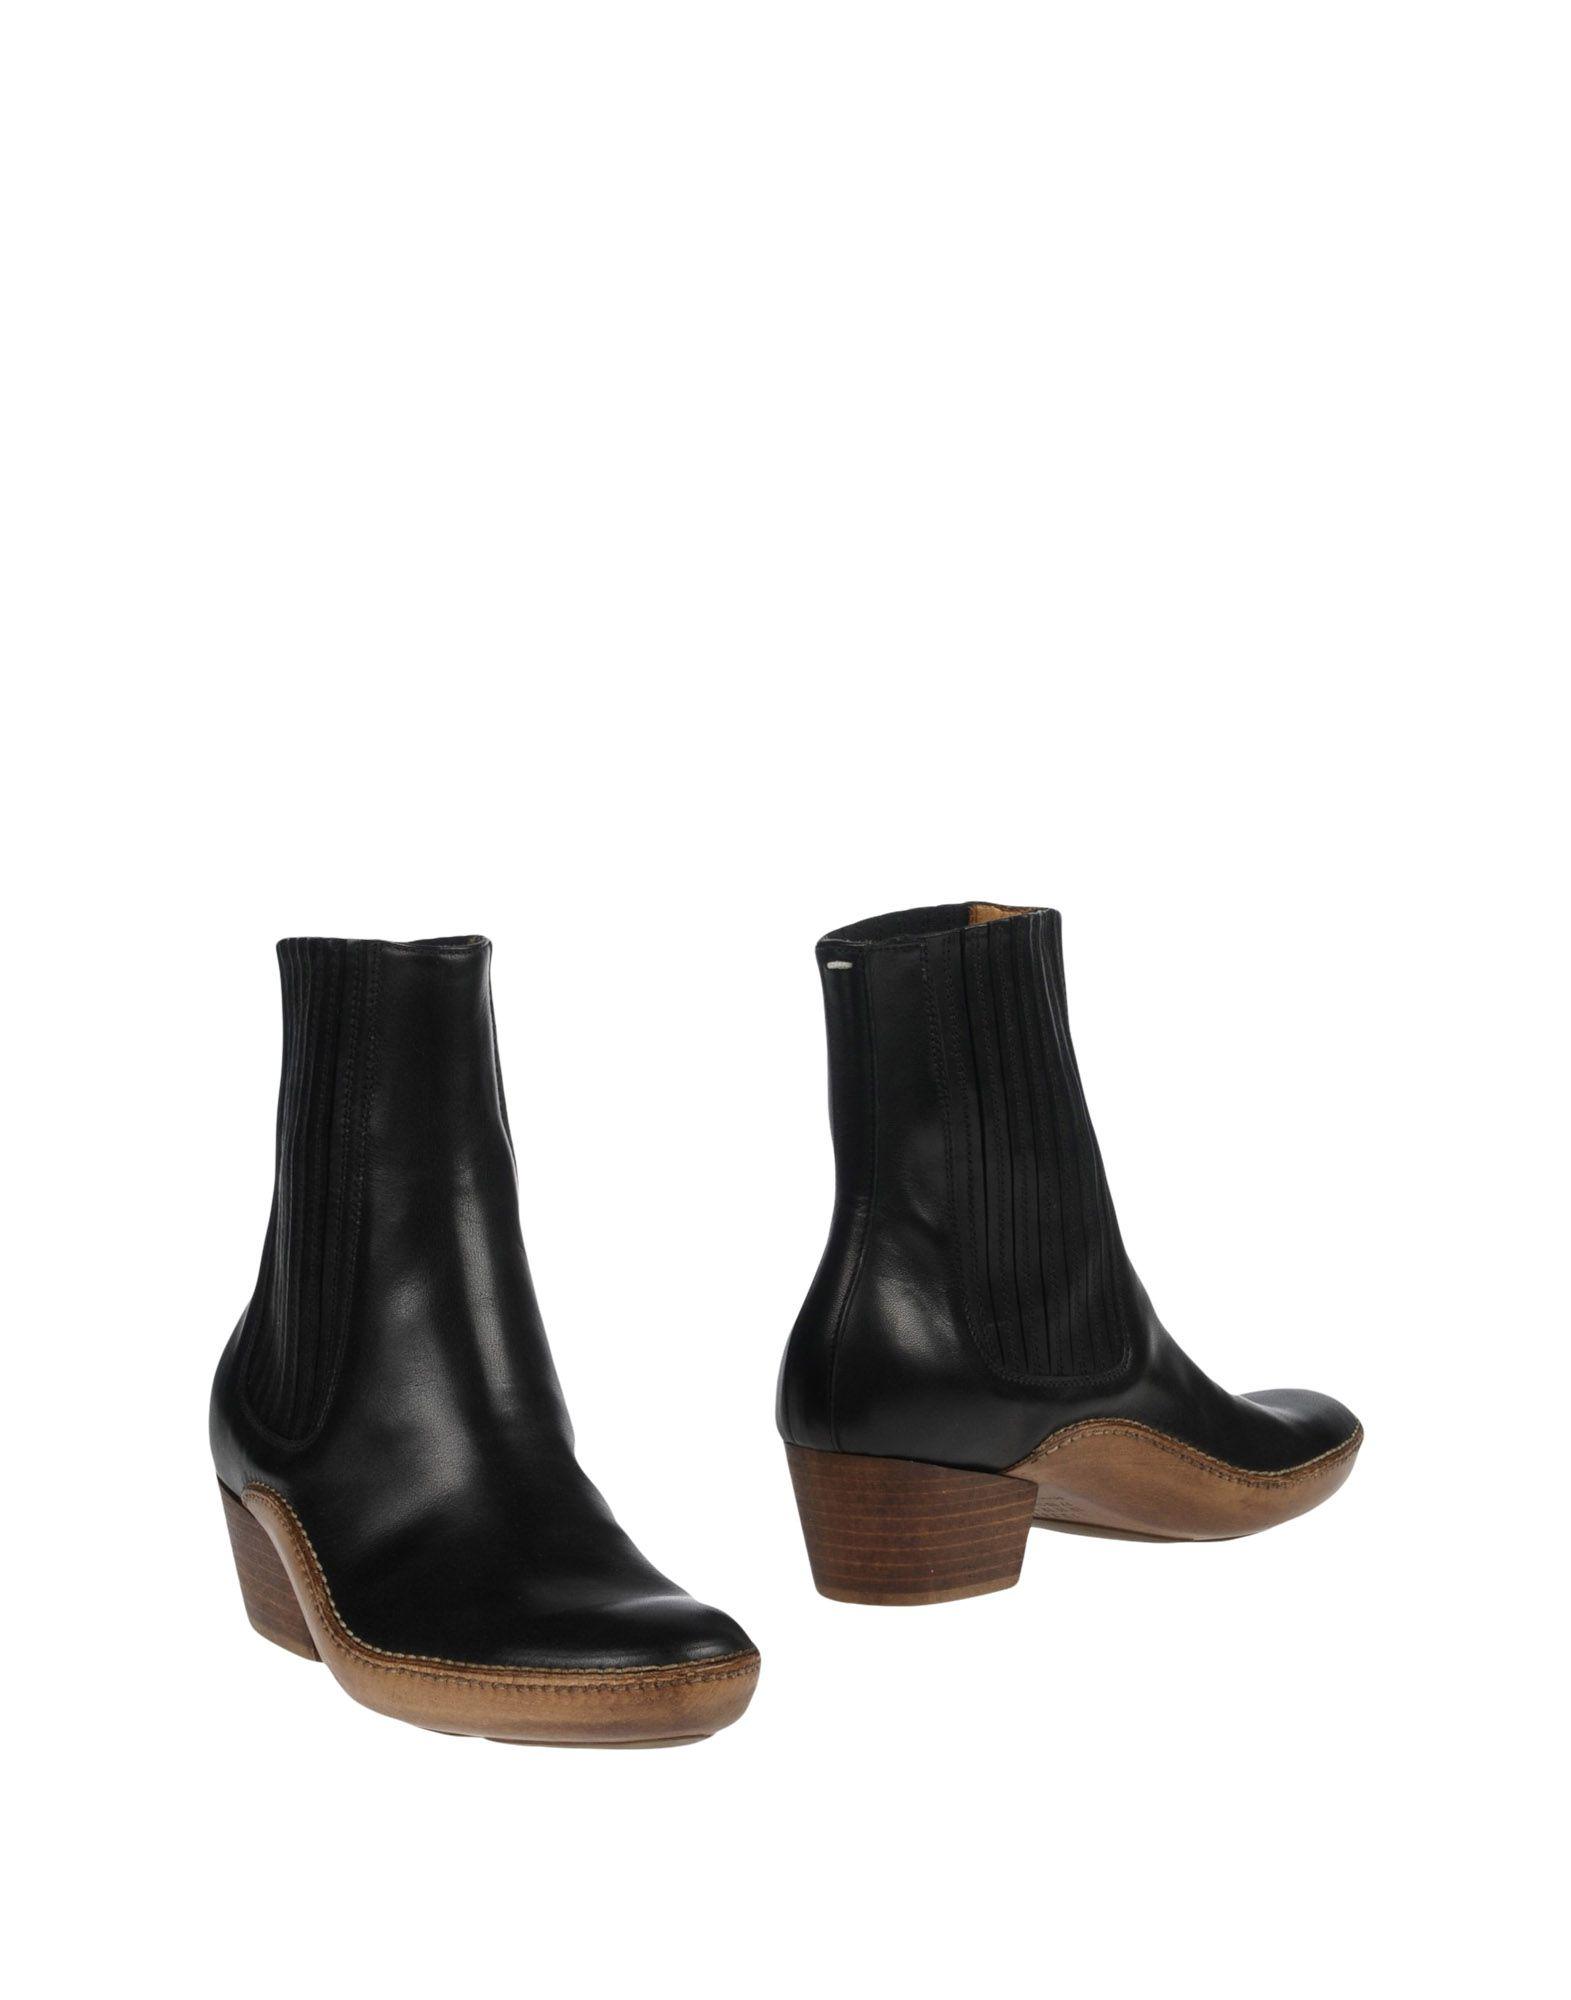 Maison Margiela Stiefelette Herren  11418446RR Gute Qualität beliebte Schuhe